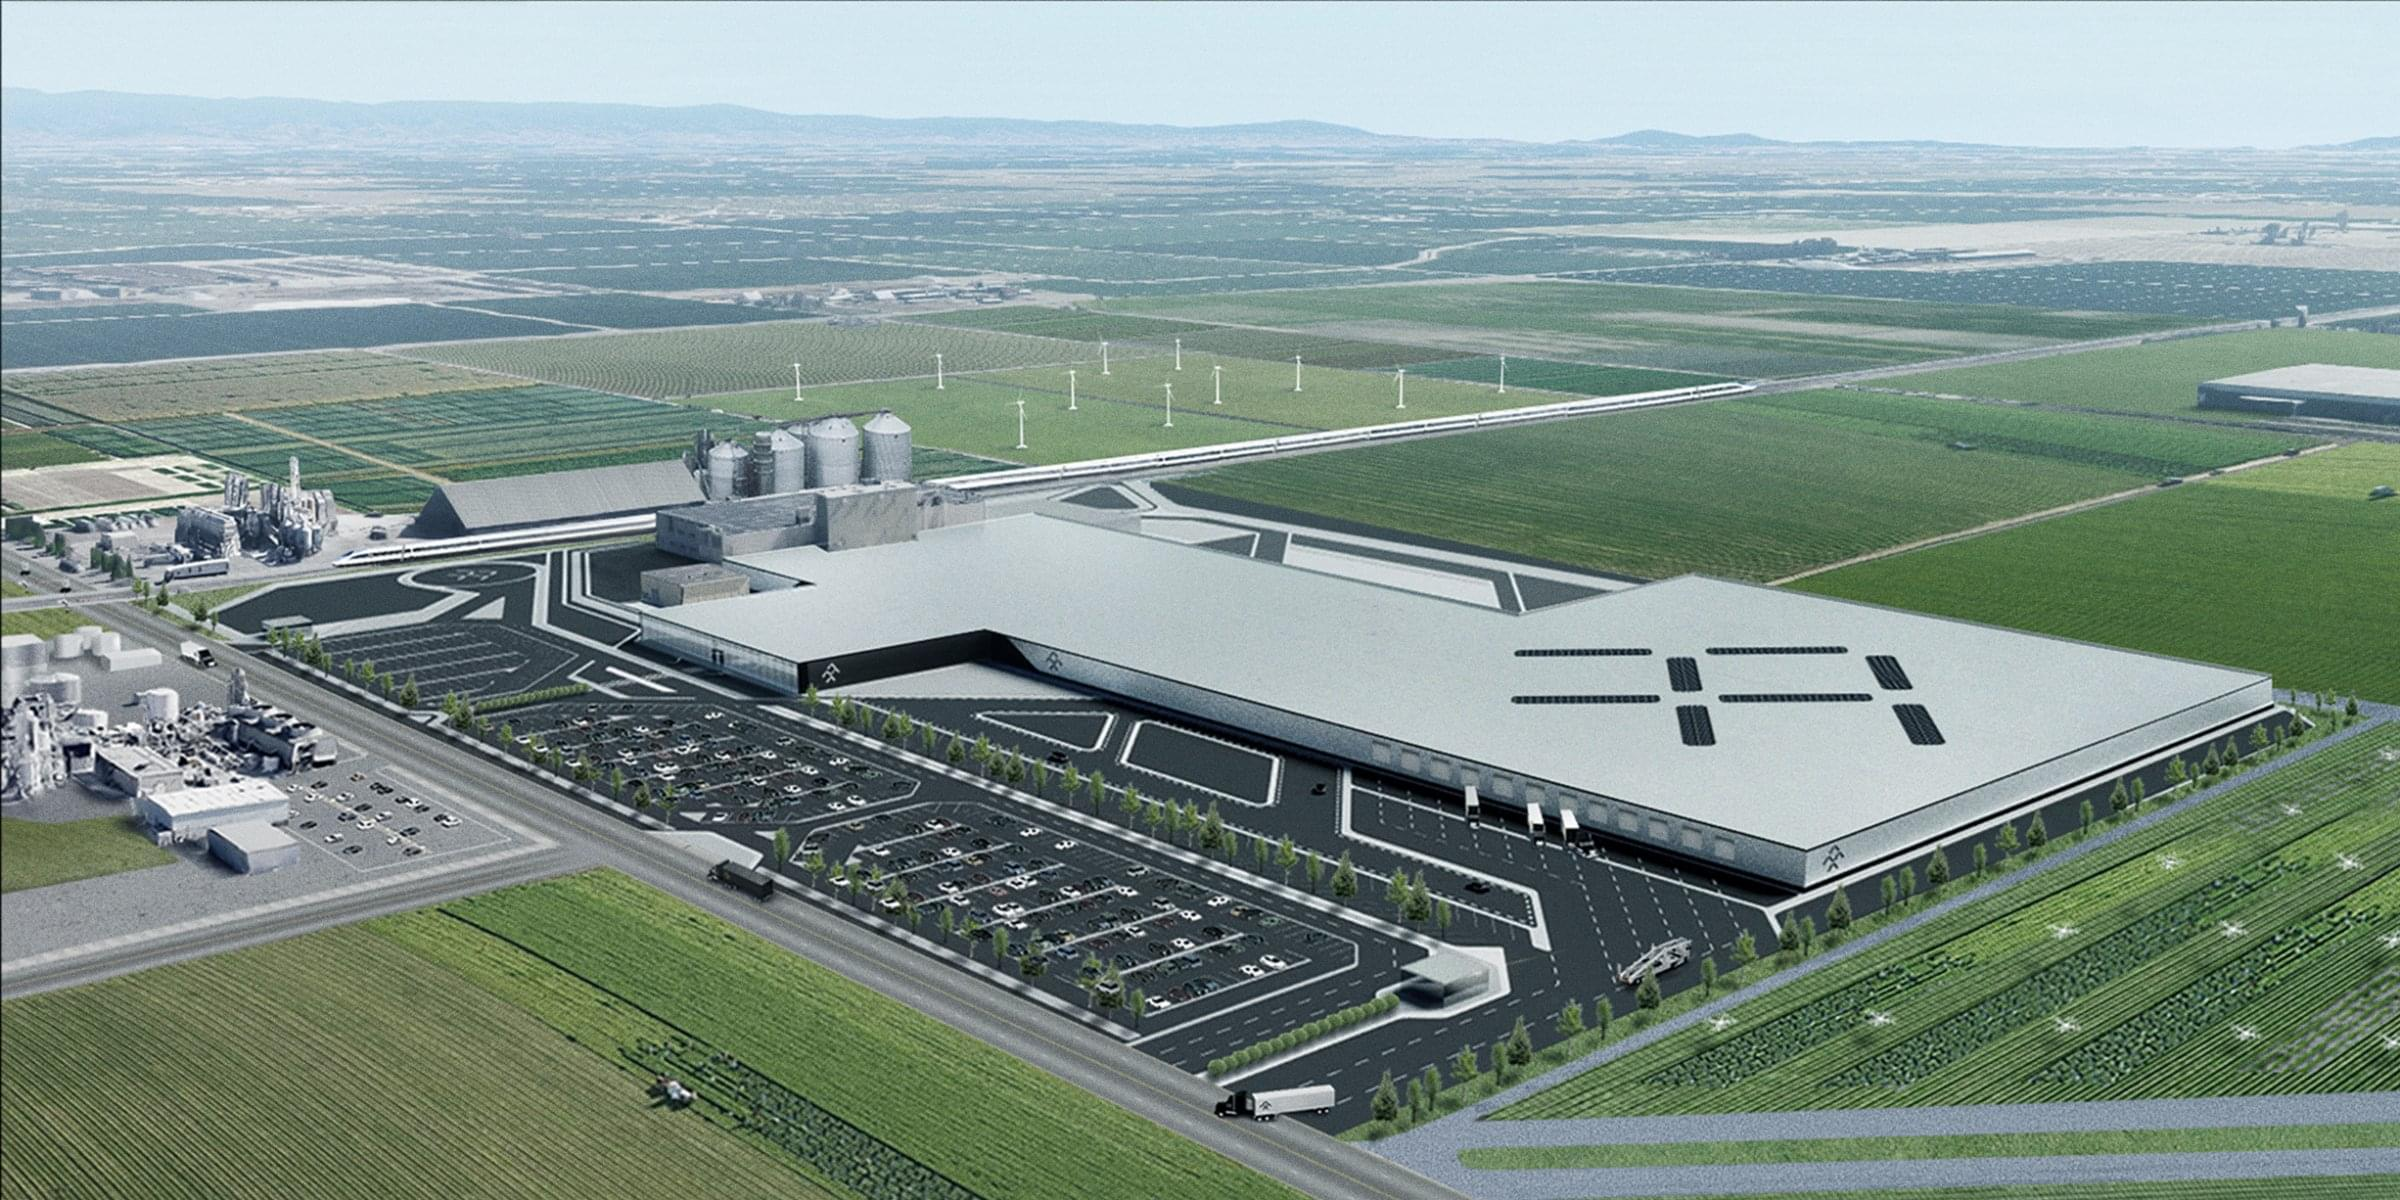 已签署租赁协议 法拉第未来新工厂落户加州